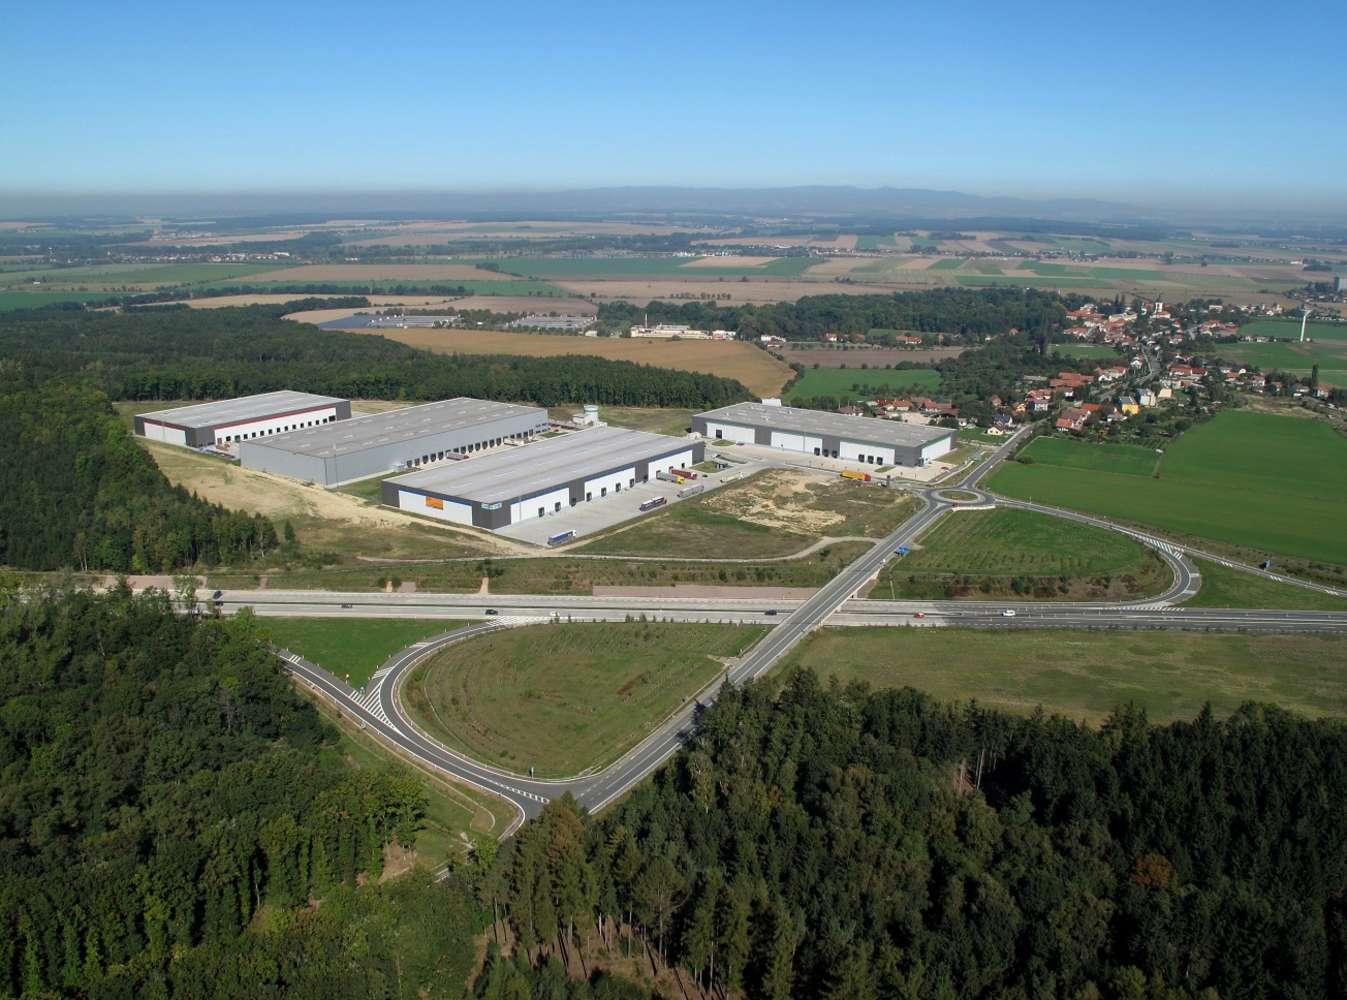 Průmyslové nemovitosti Dobřenice,  - P3 Hradec Králové - 247332072091600